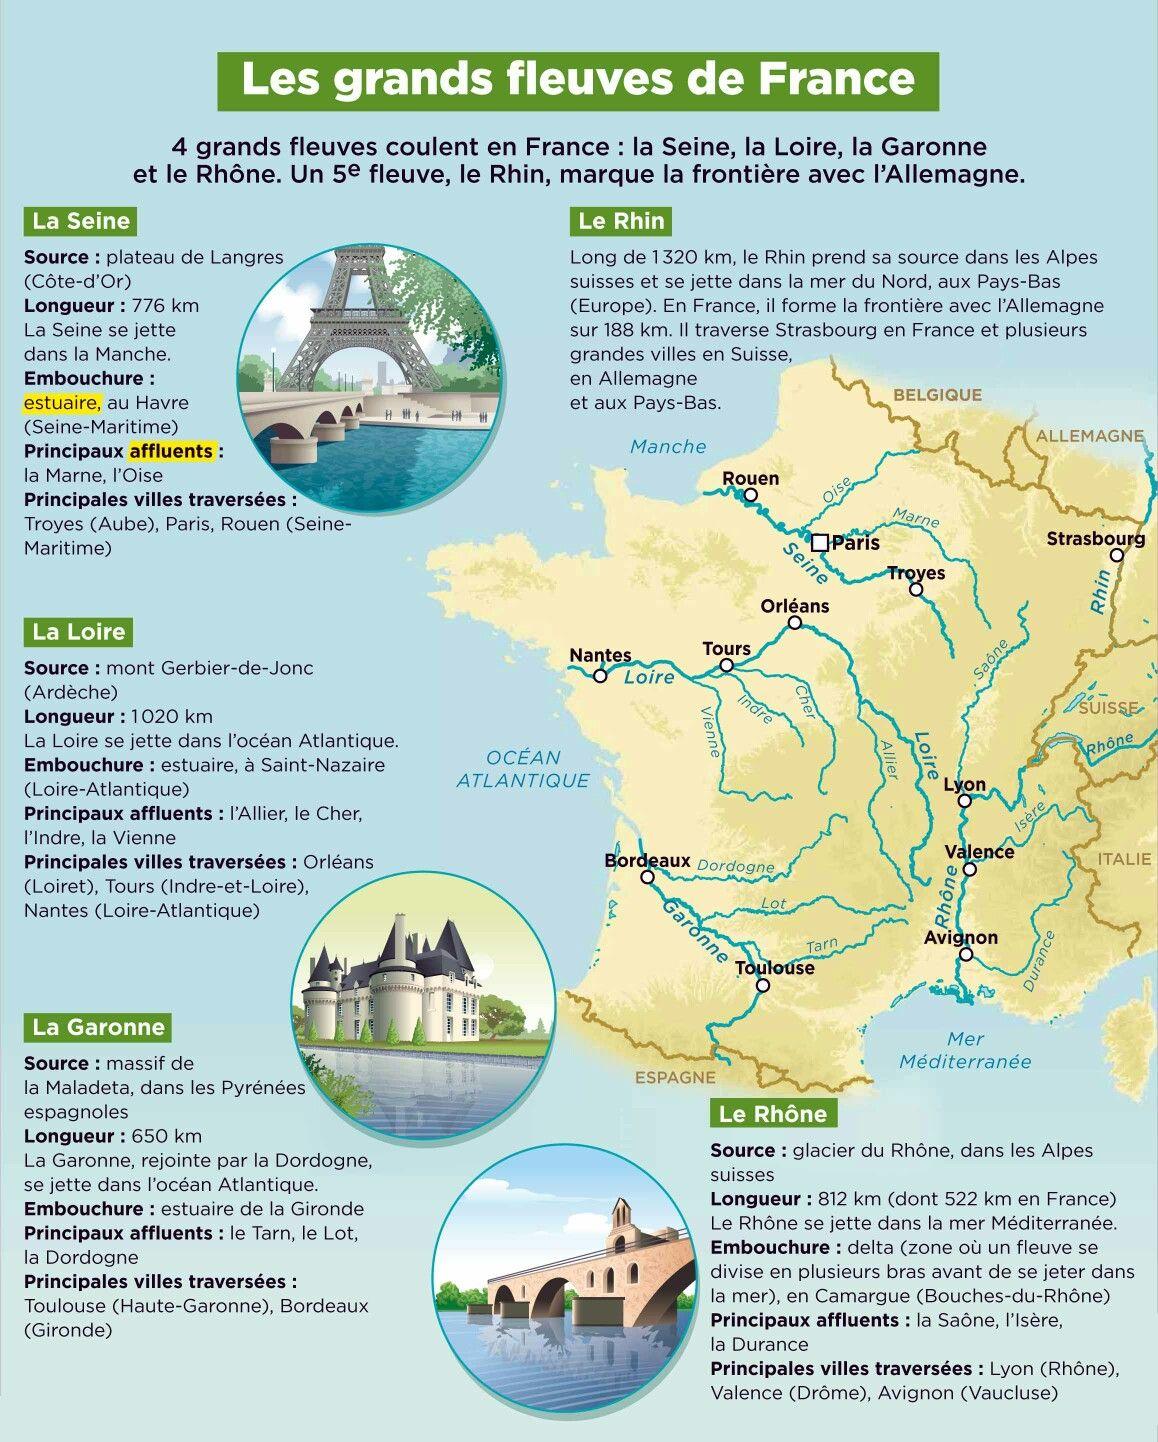 Epingle Par Andrea Behn Sur Mon Quotidien Culture G Geographie Fleuve De France Culture Generale